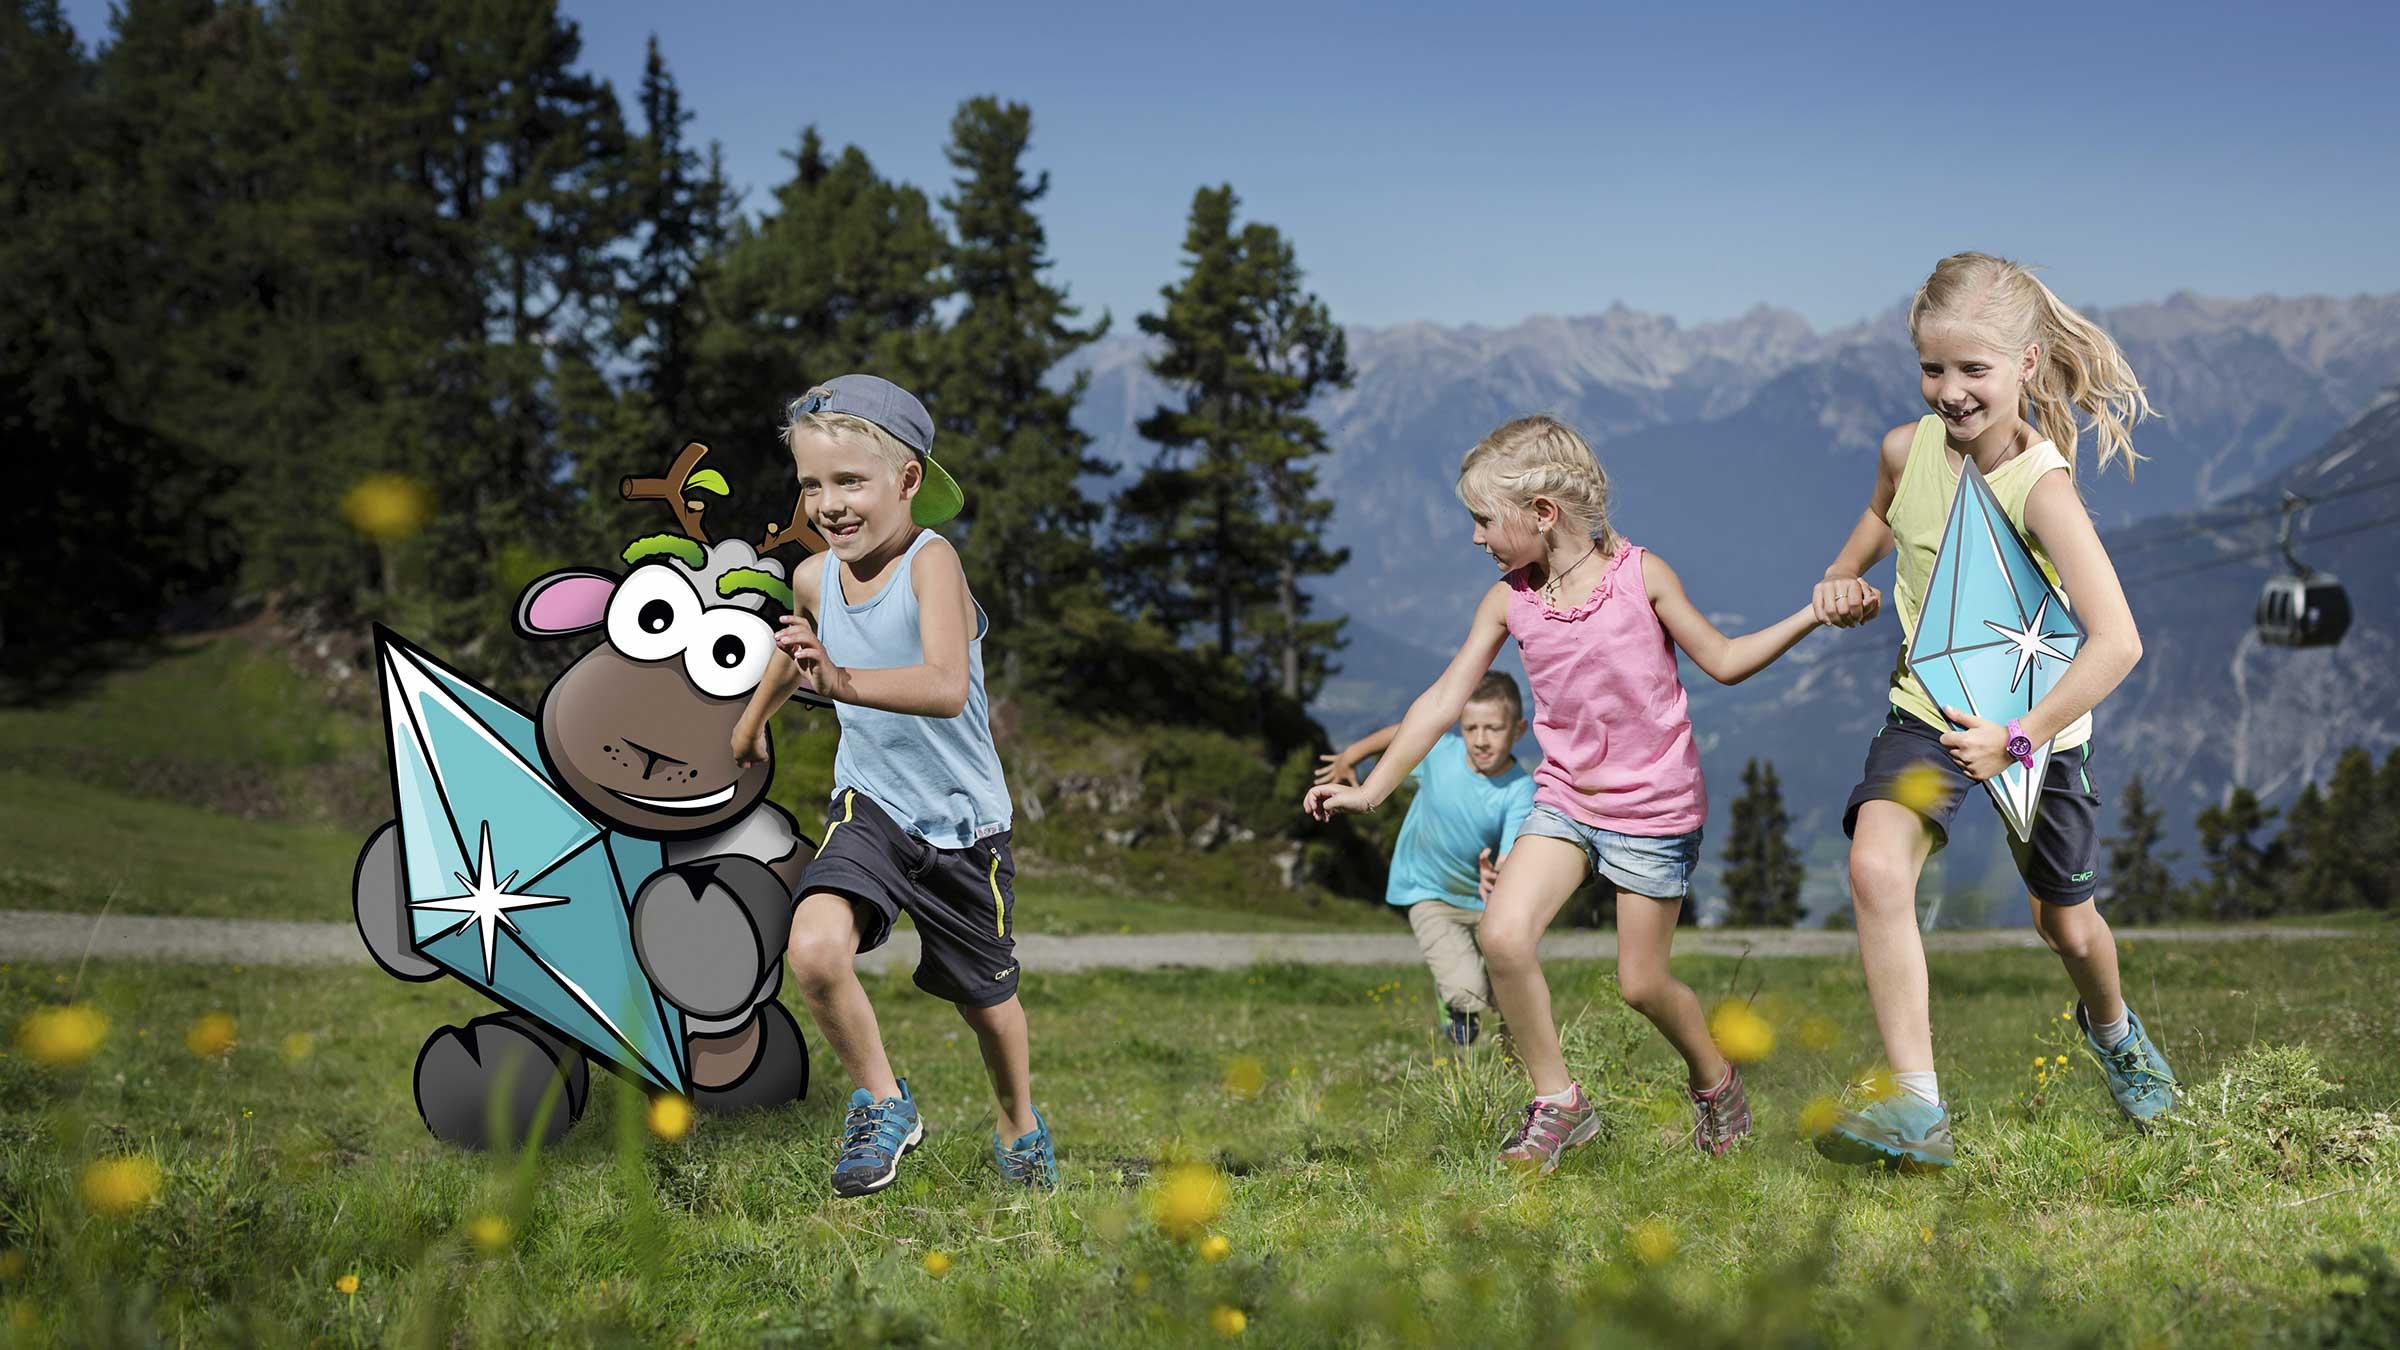 Widi und Kinder laufen um die Wette - Widiversum